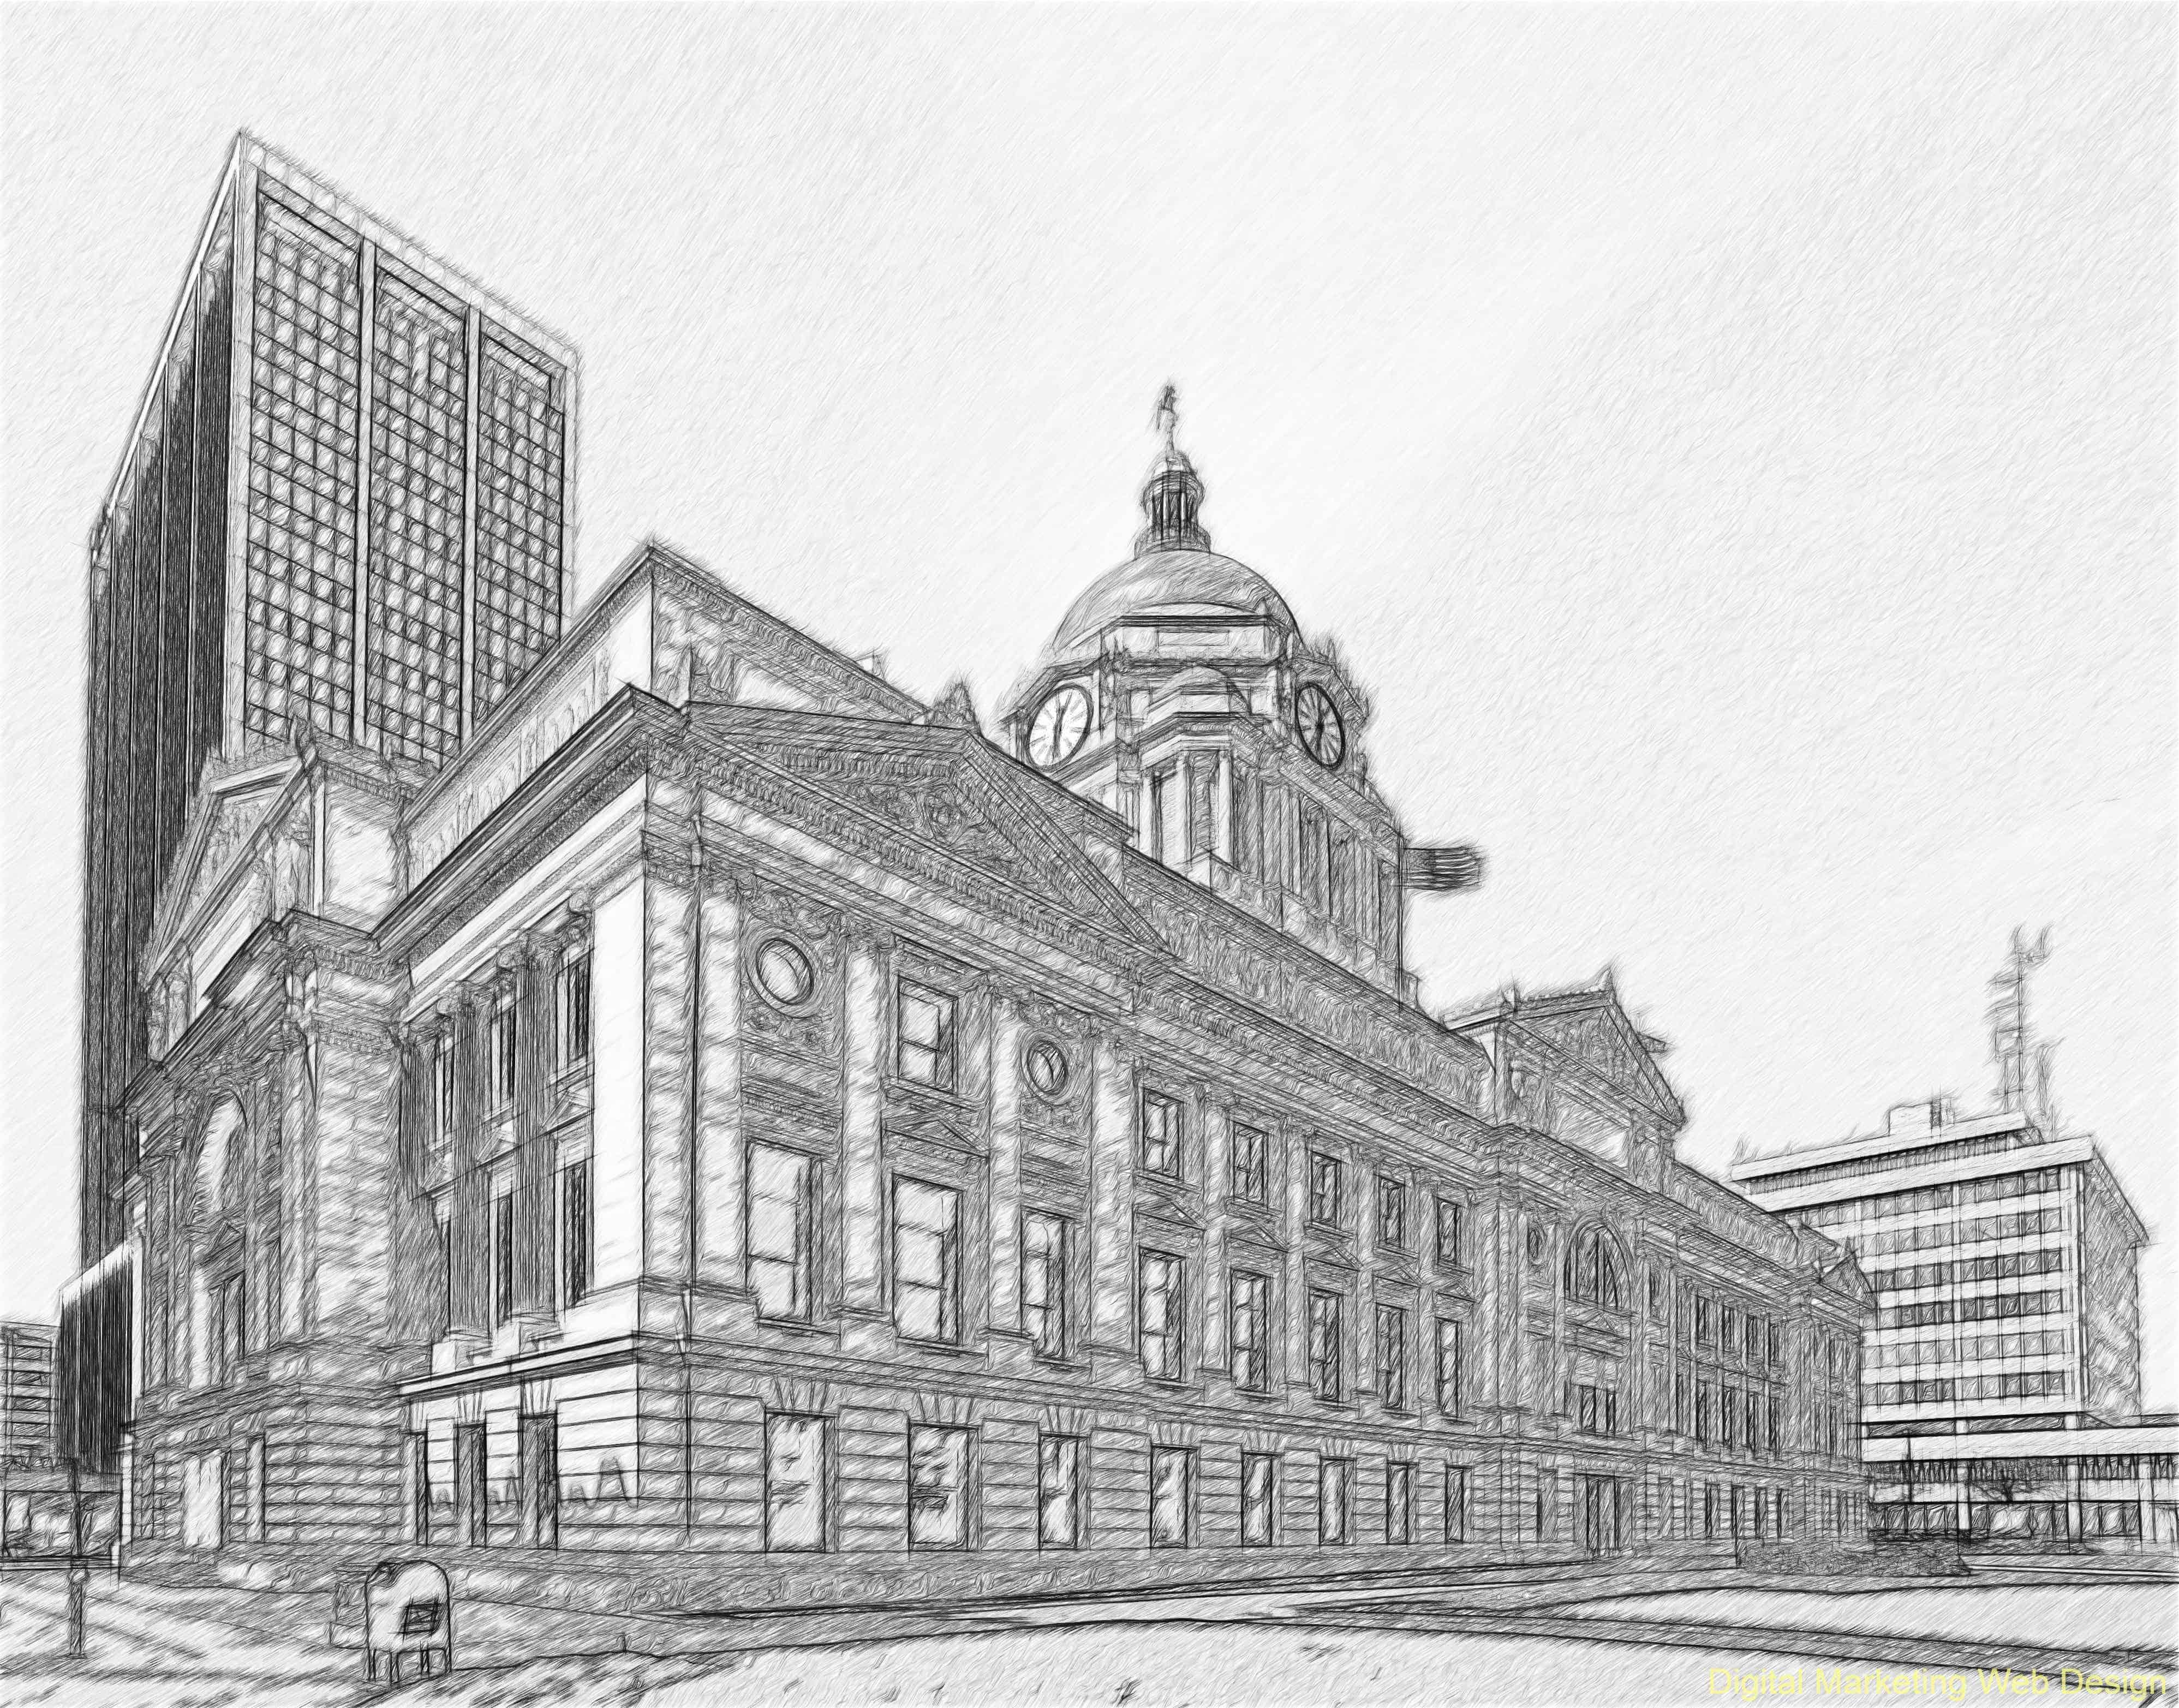 Fort Wayne, Indiana Courthouse